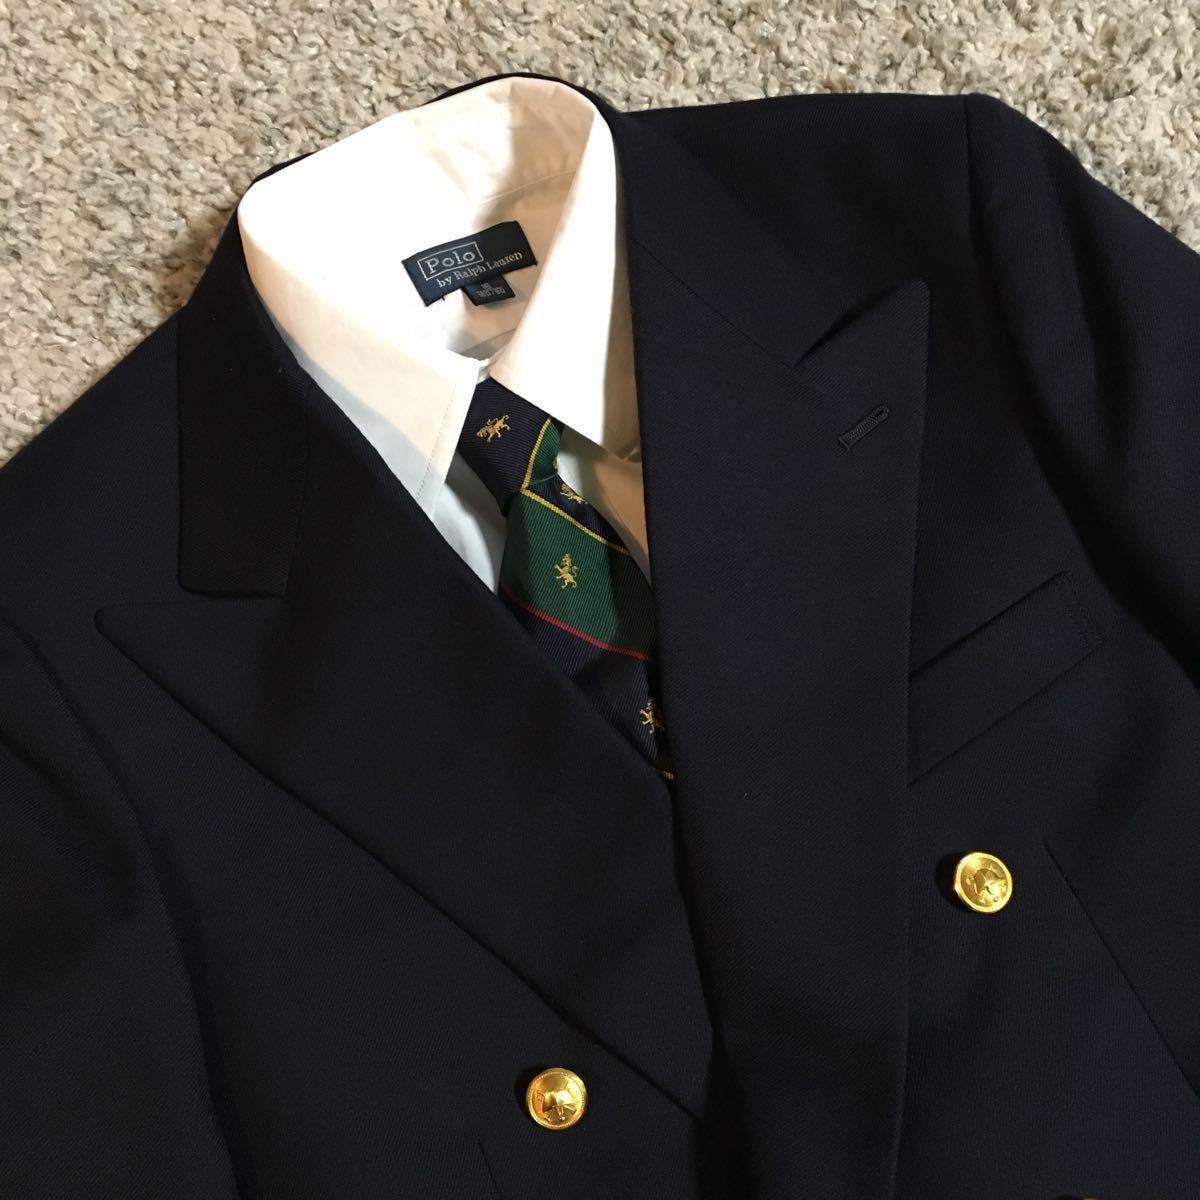 078c680bb4c90 代購代標第一品牌- 樂淘letao - ラルフローレン160cm フォーマルスーツ一式セット一度着の美品♪ 卒業式入学式結婚式などRalph  Lauren 男の子シャツは新品です♪